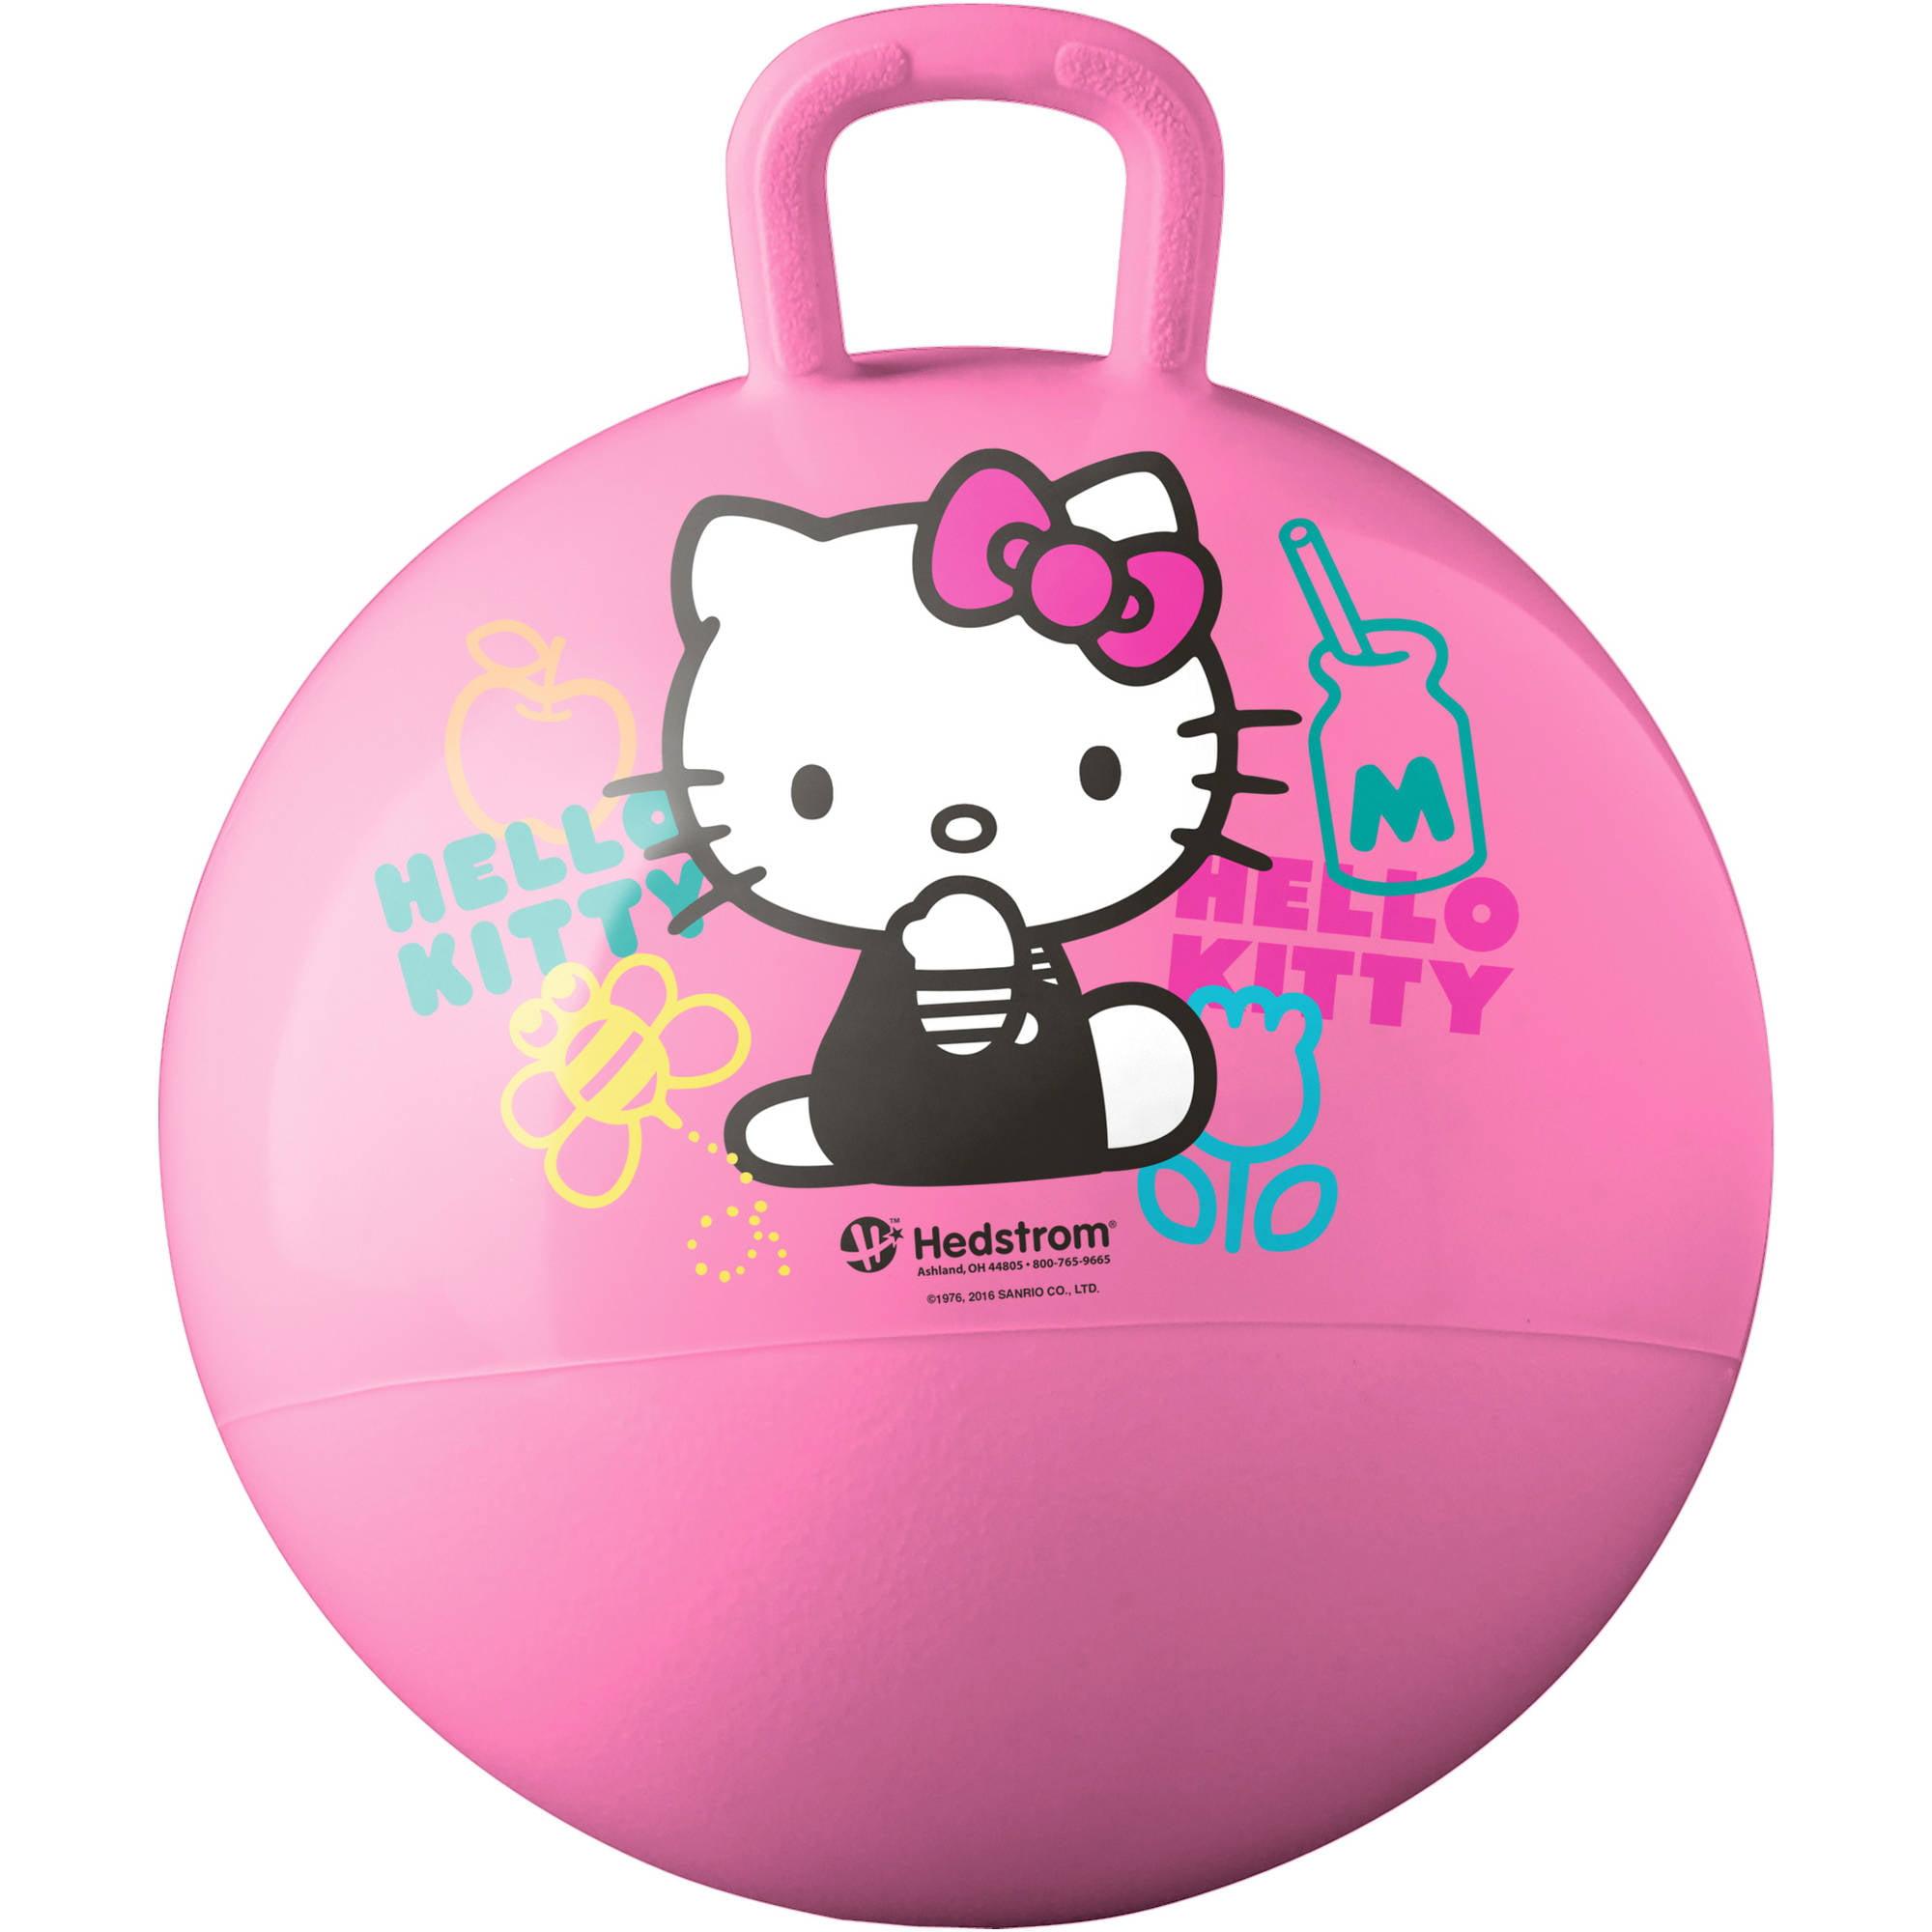 Hedstrom Hello Kitty Hopper